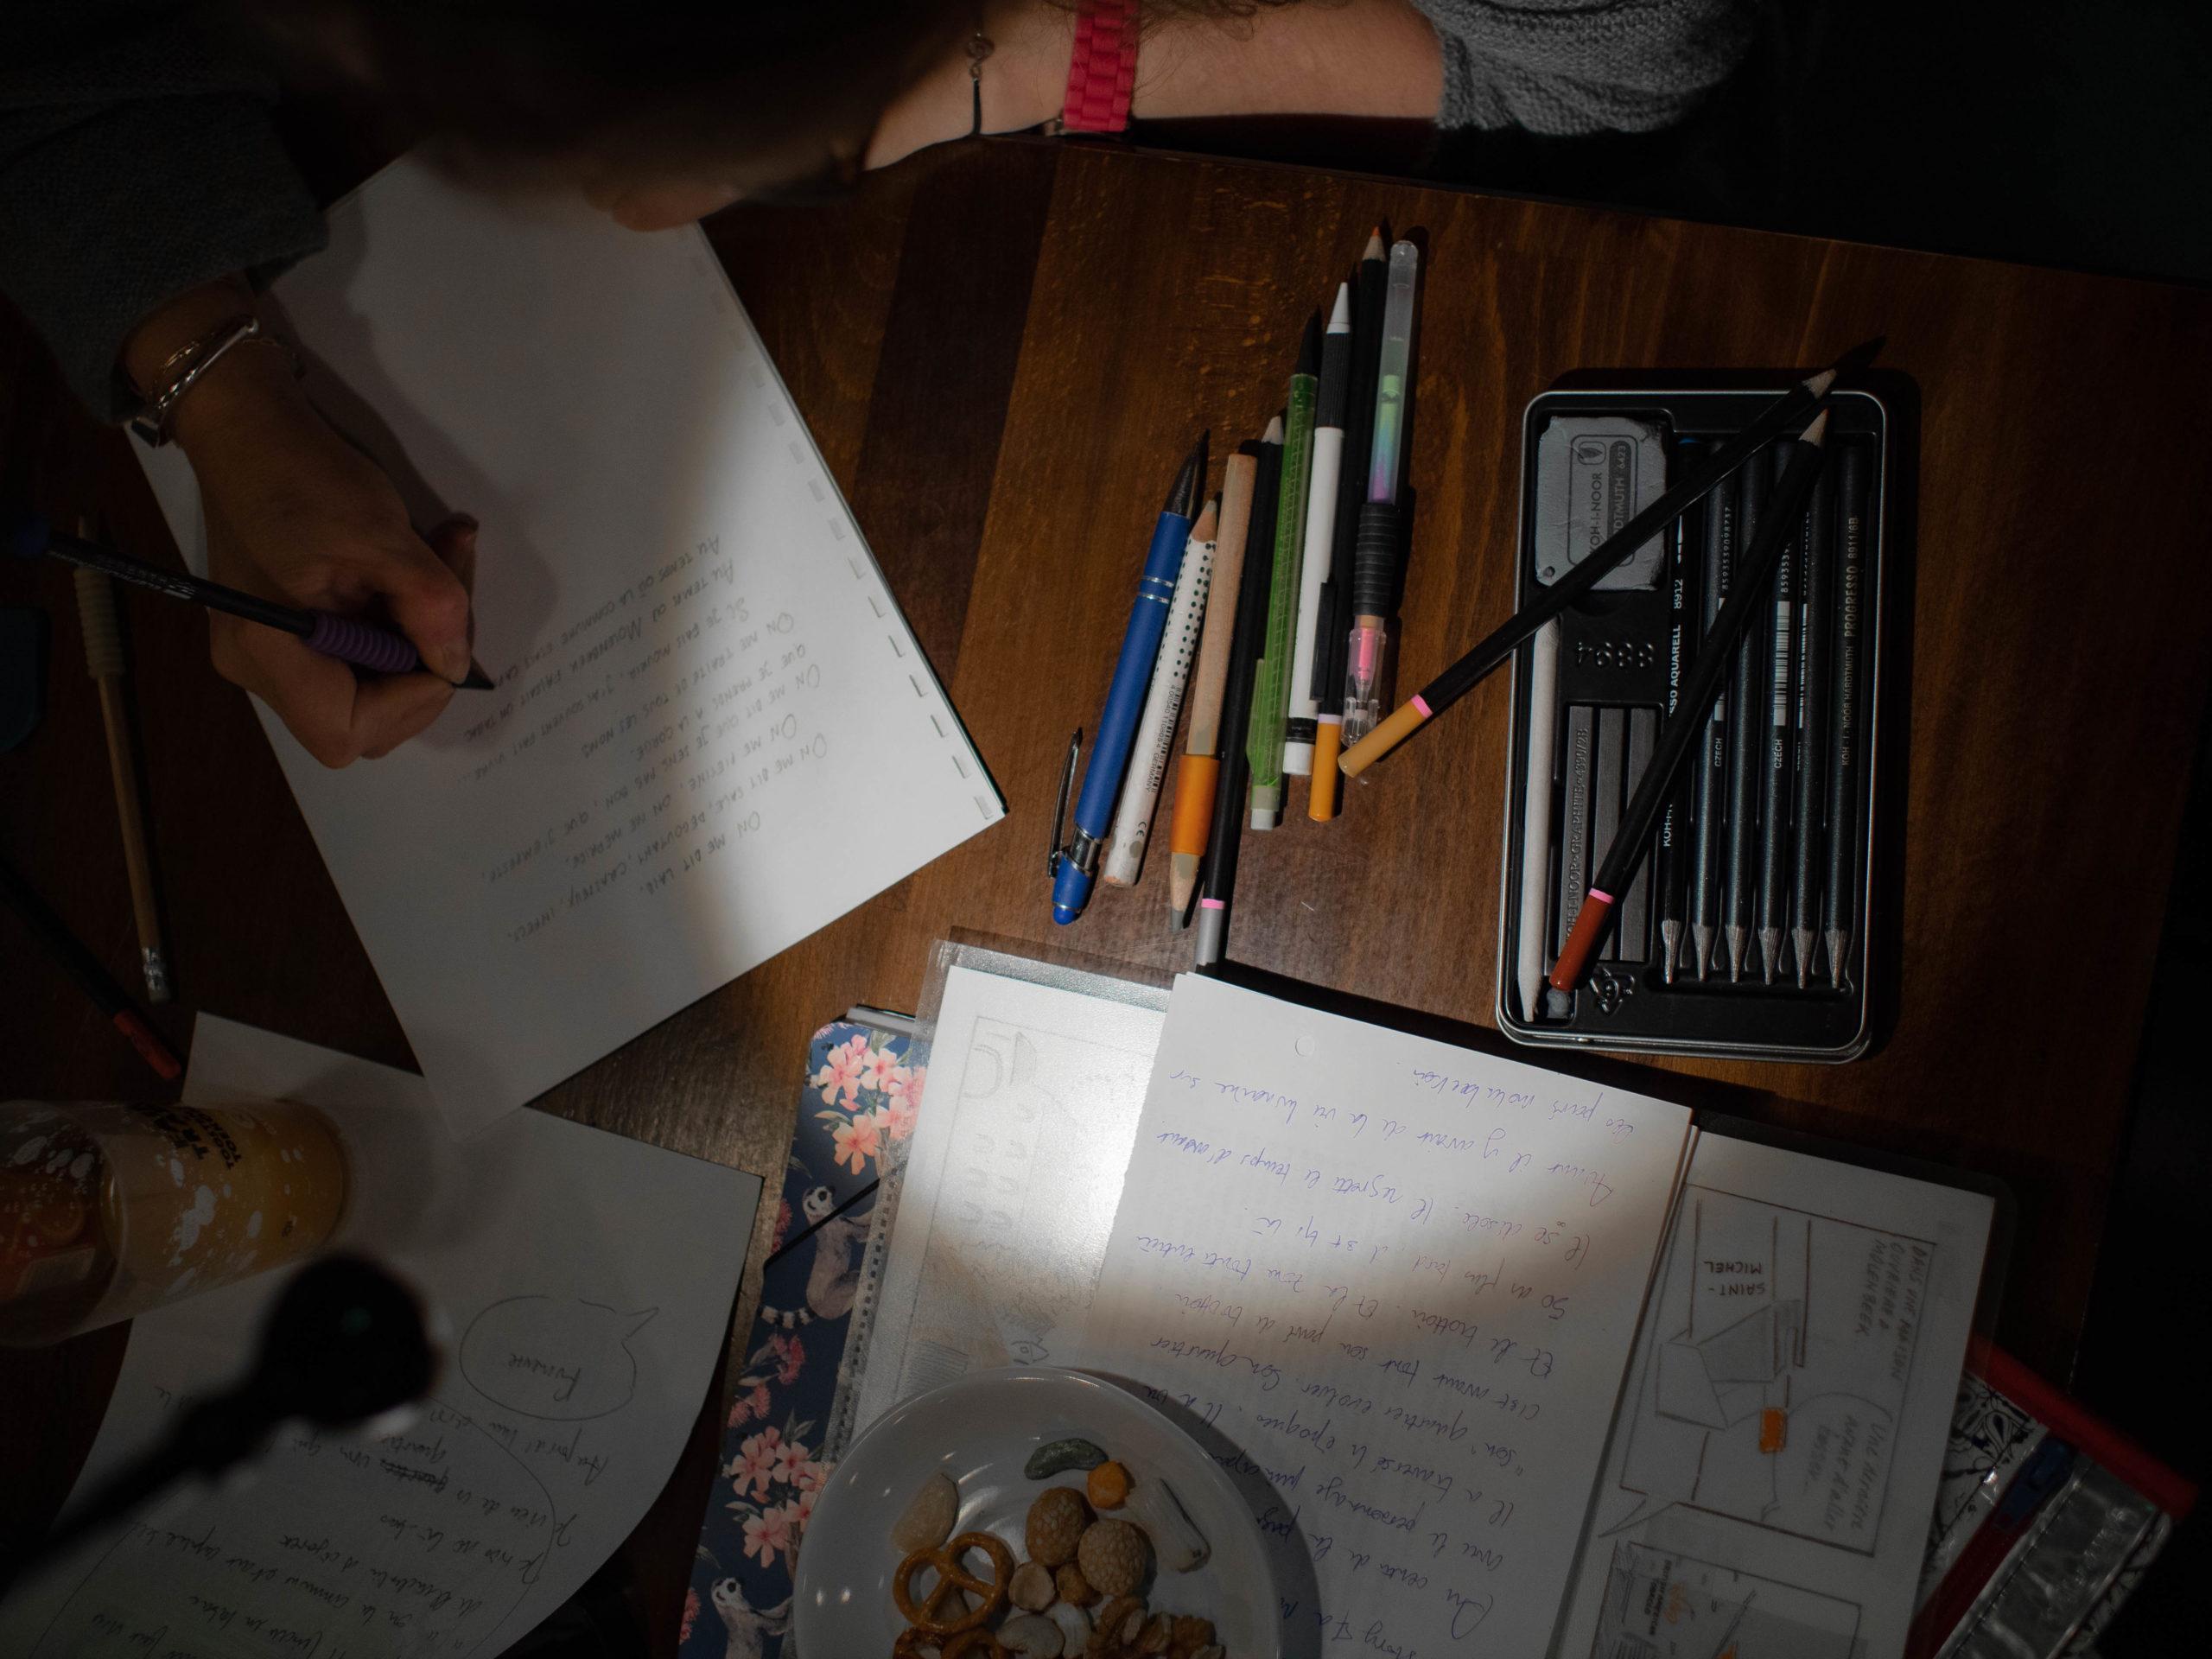 Vue en plongée sur les outils de l'atelier BD : stylos, crayons divers, papiers et dessins...